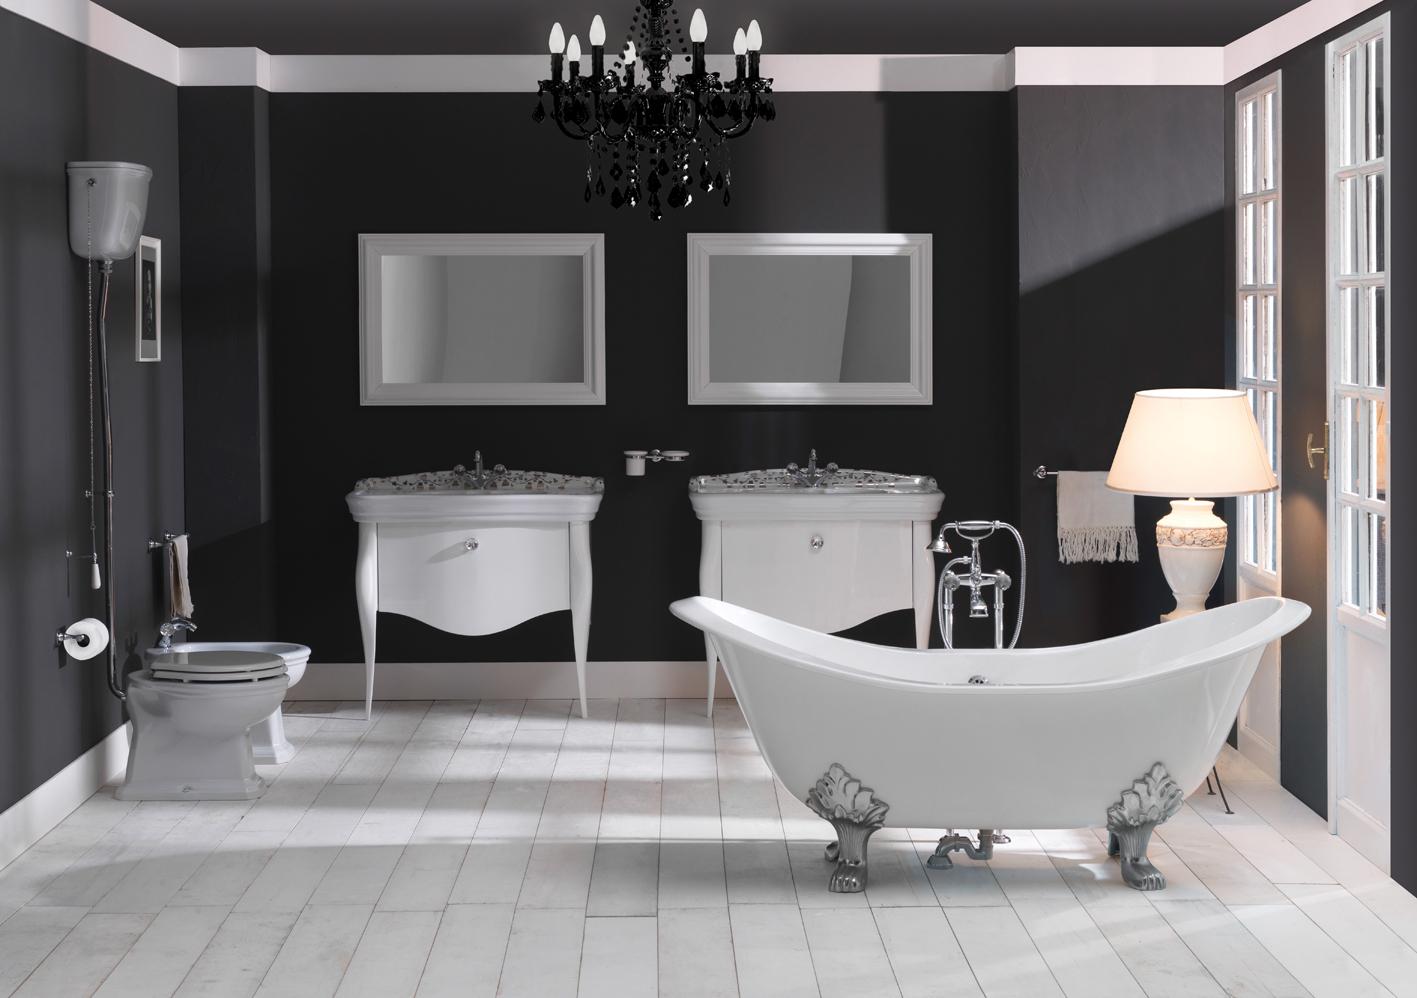 Arredamento Casa Stile Inglese Simple In With Arredamento Casa